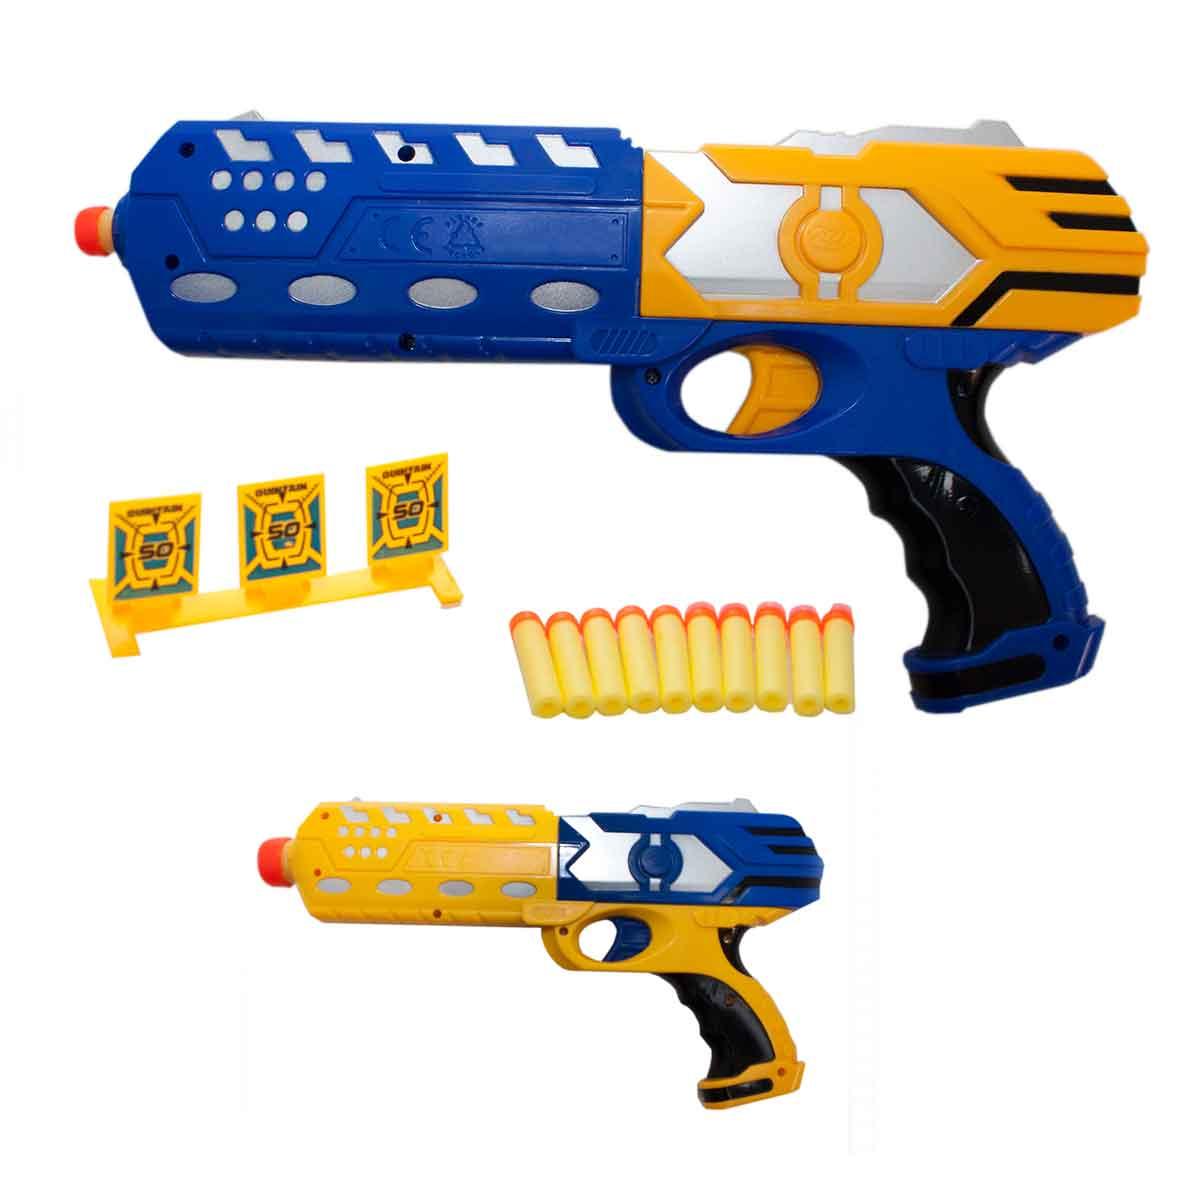 Pistola Brinquedo Infantil Pressão C/ Dardos E Alvo Criança